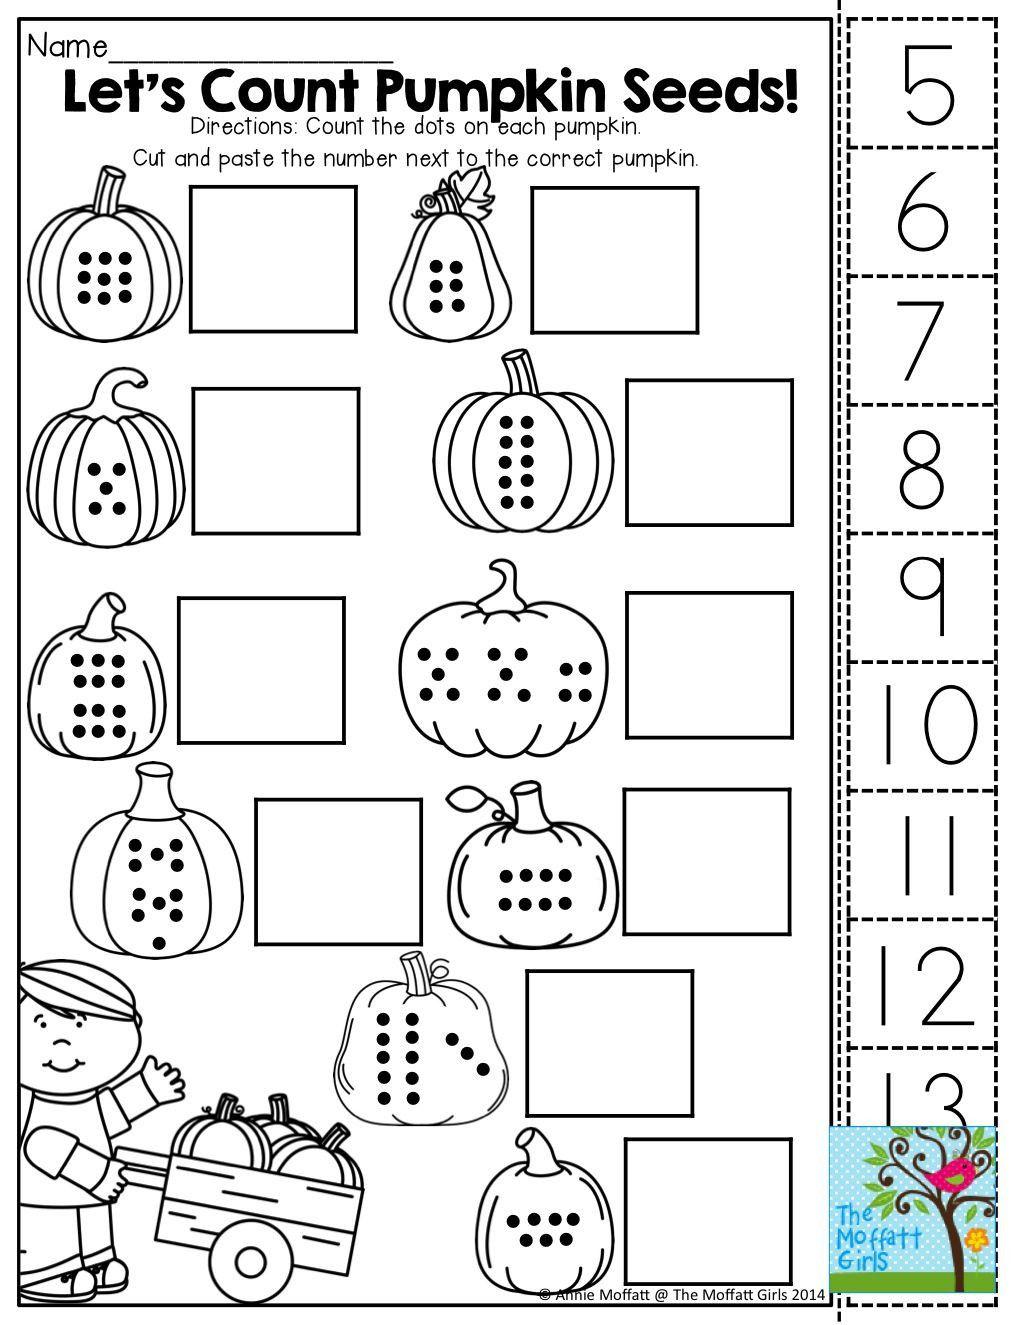 Kindergarten Halloween Math Worksheets Worksheet For Kindergarten Halloween Math Worksheets Kindergarten Math Worksheets Fun Math Worksheets [ 1325 x 1024 Pixel ]